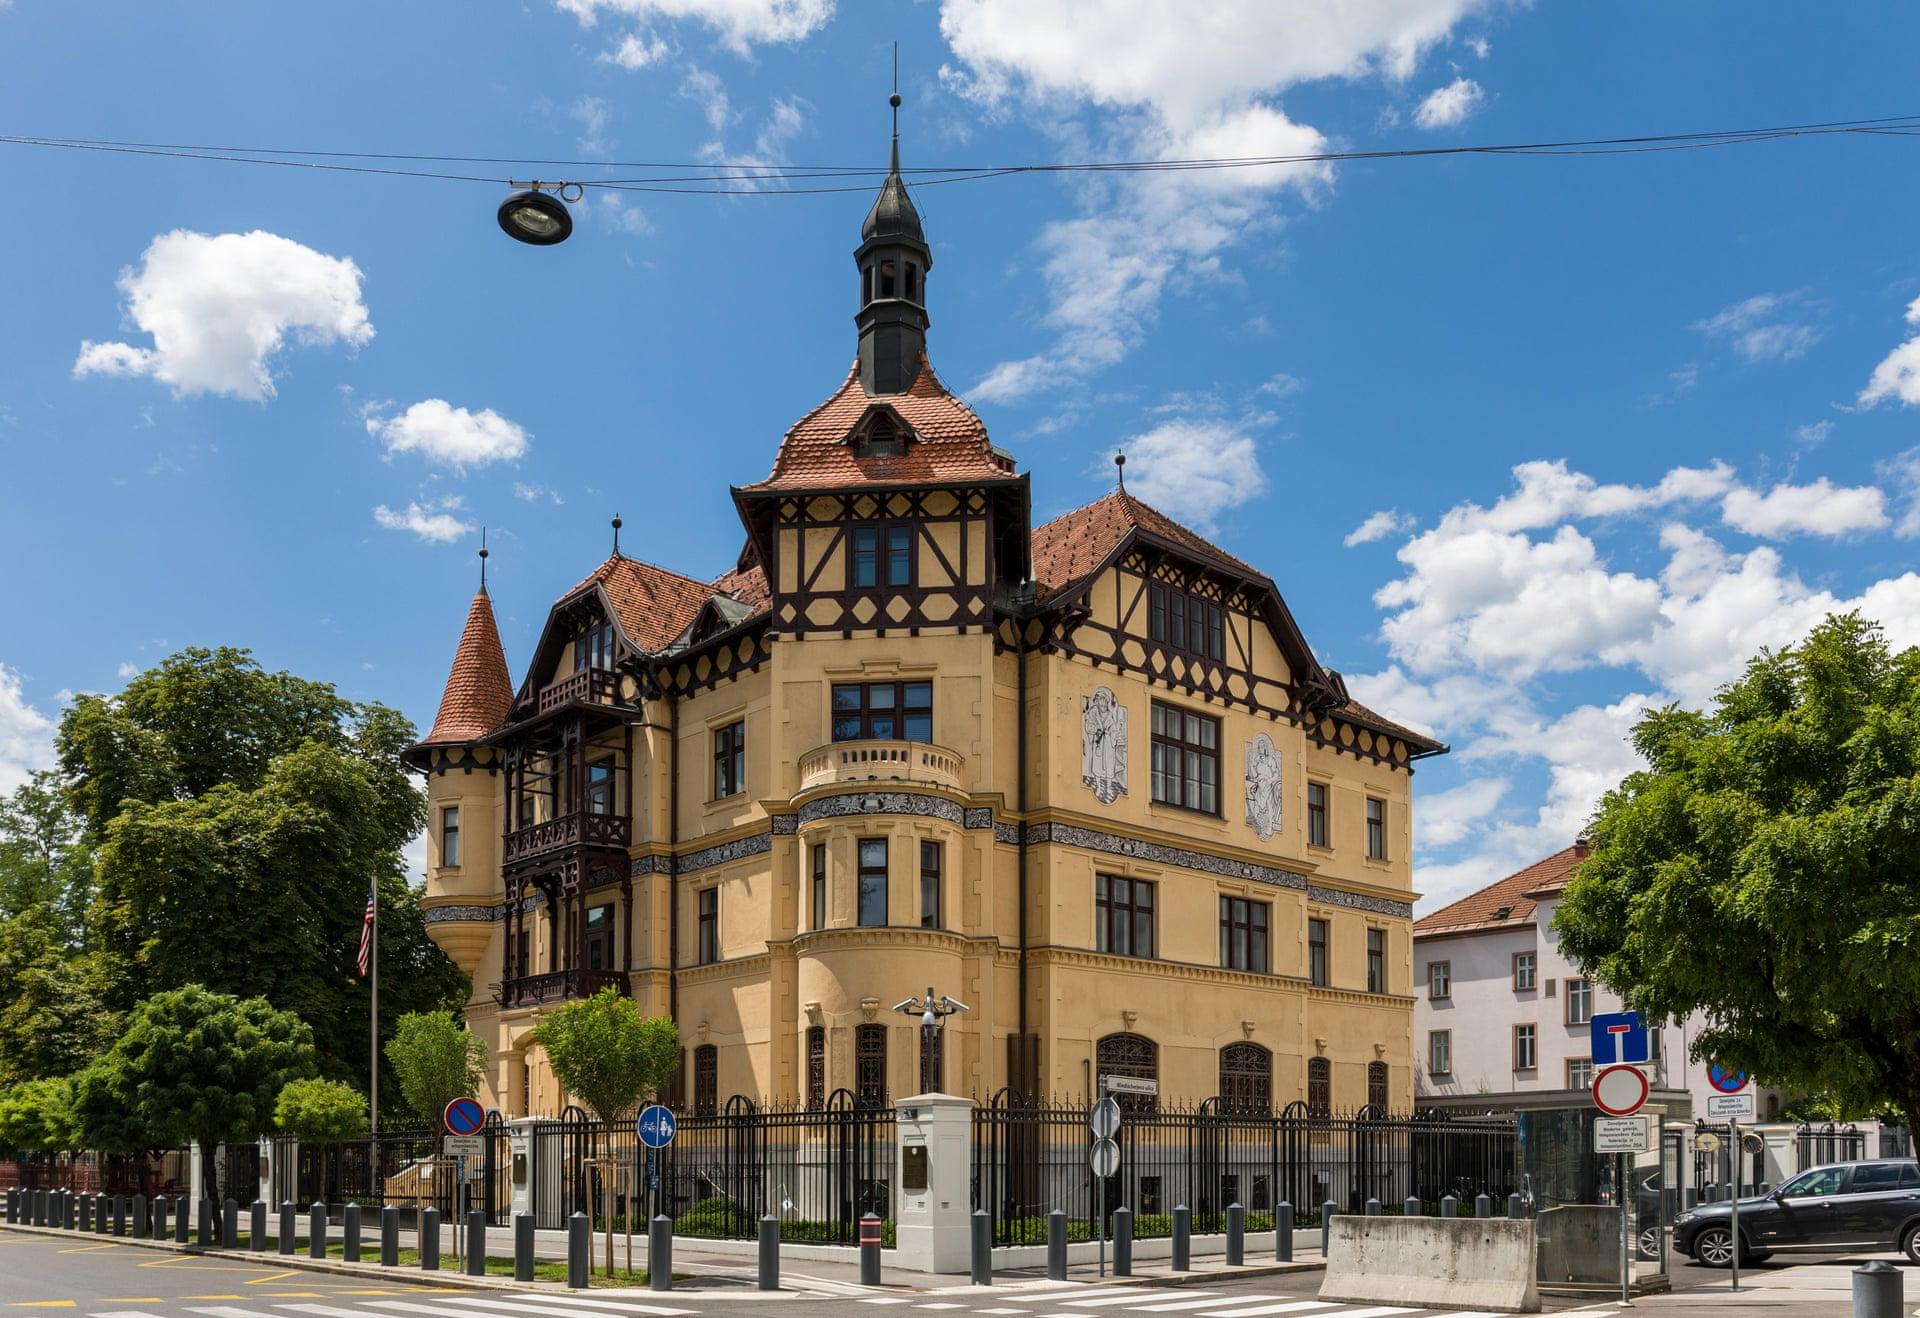 US embassy in Ljubljana, Slovenia